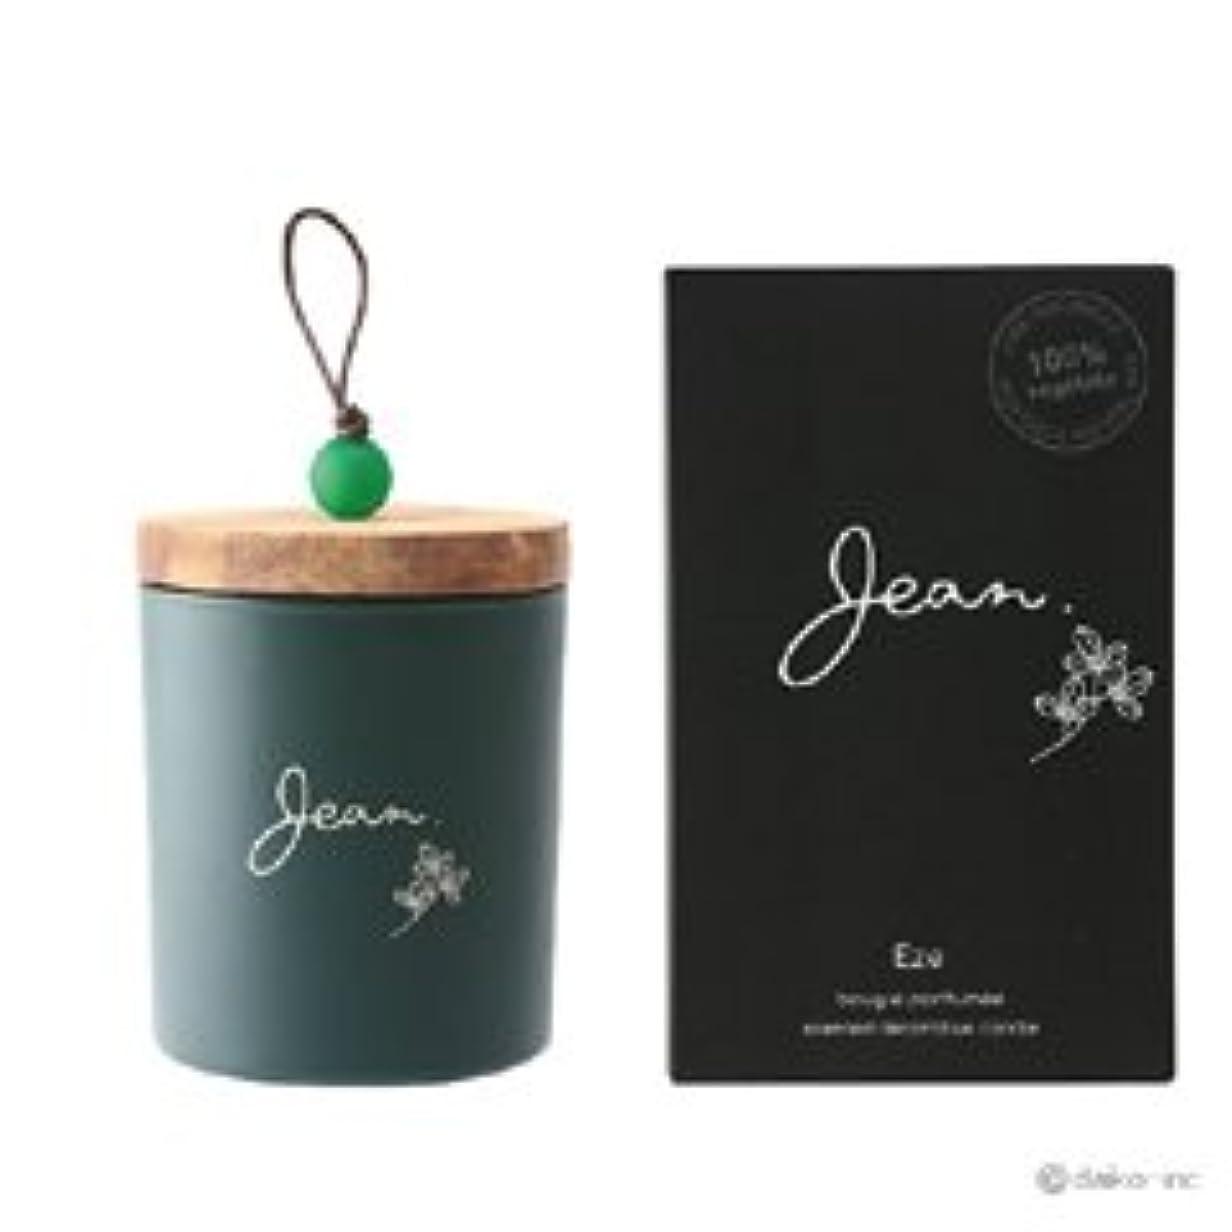 合体くま灌漑【大香】Jean.(ジャン)センテッドキャンドル エズ